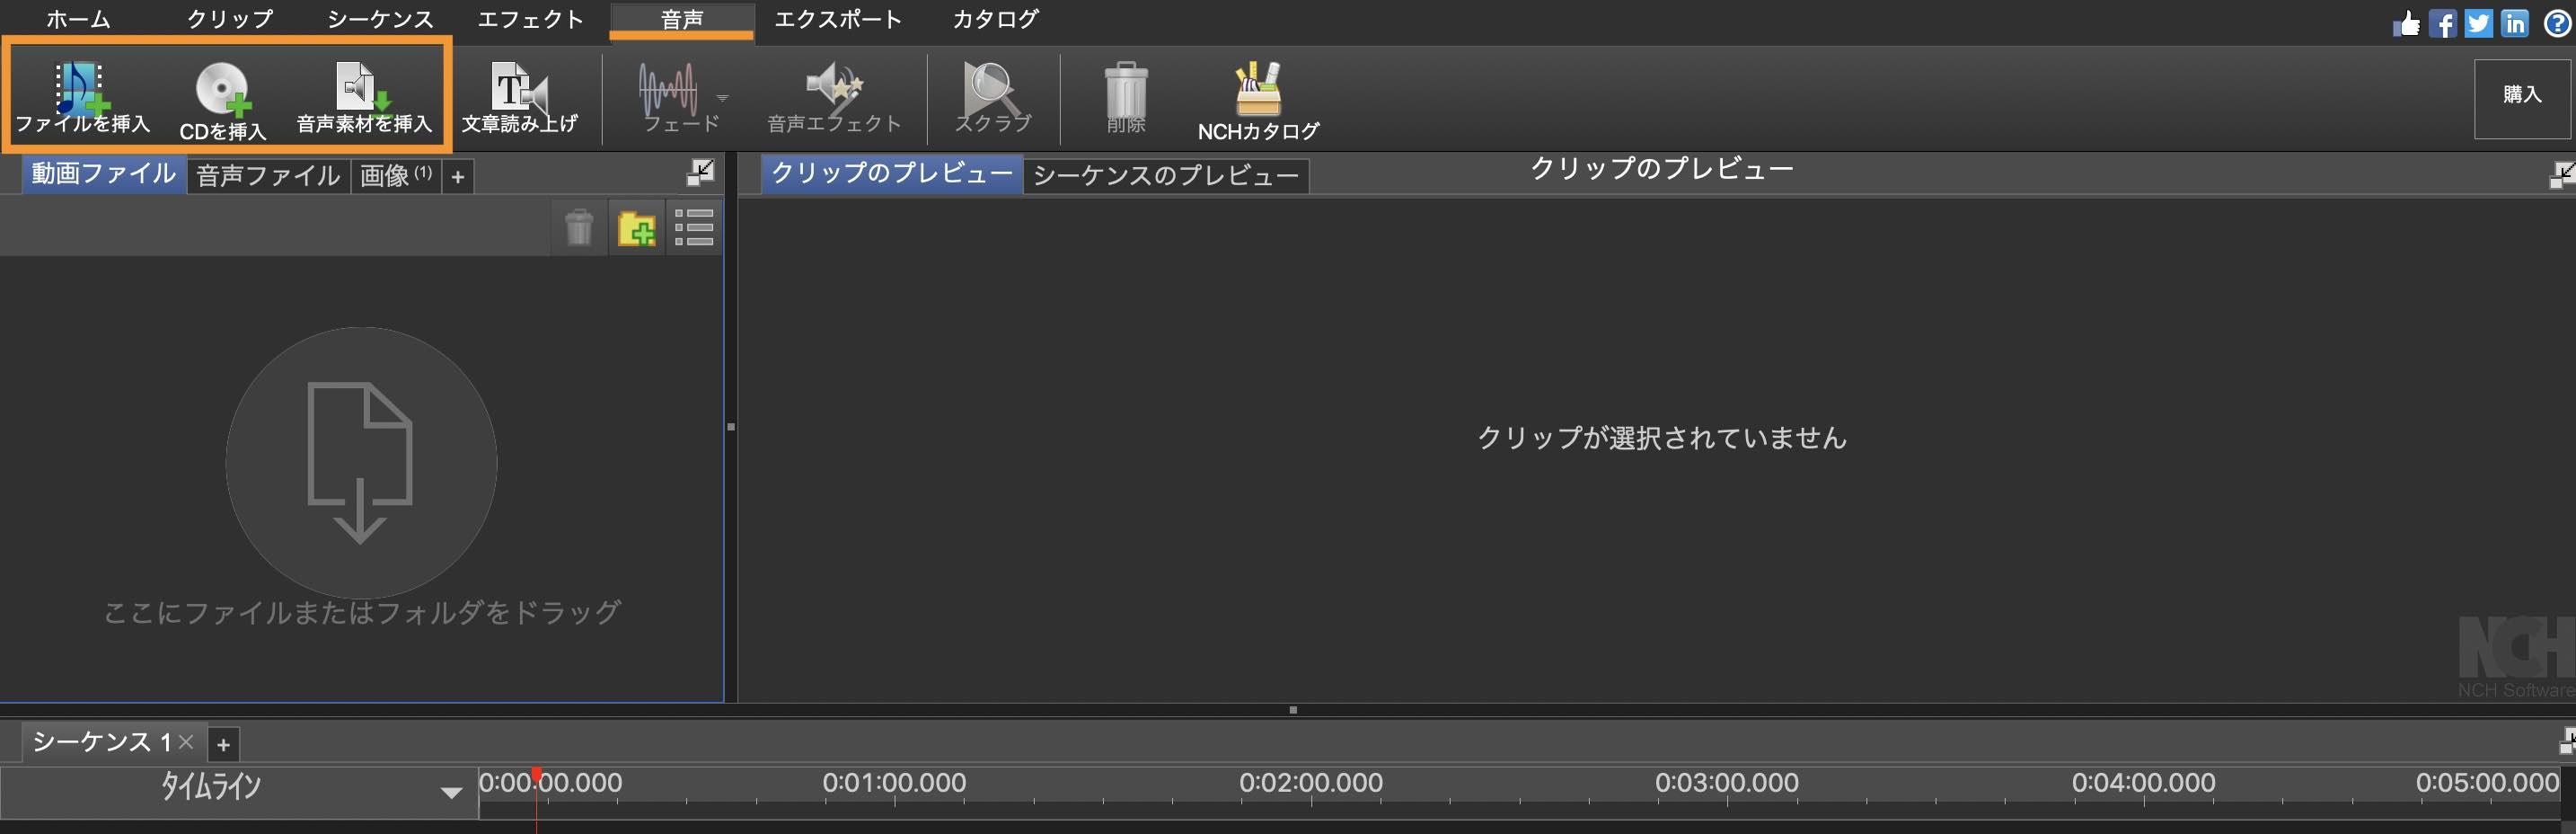 使用する動画ファイルを選択する